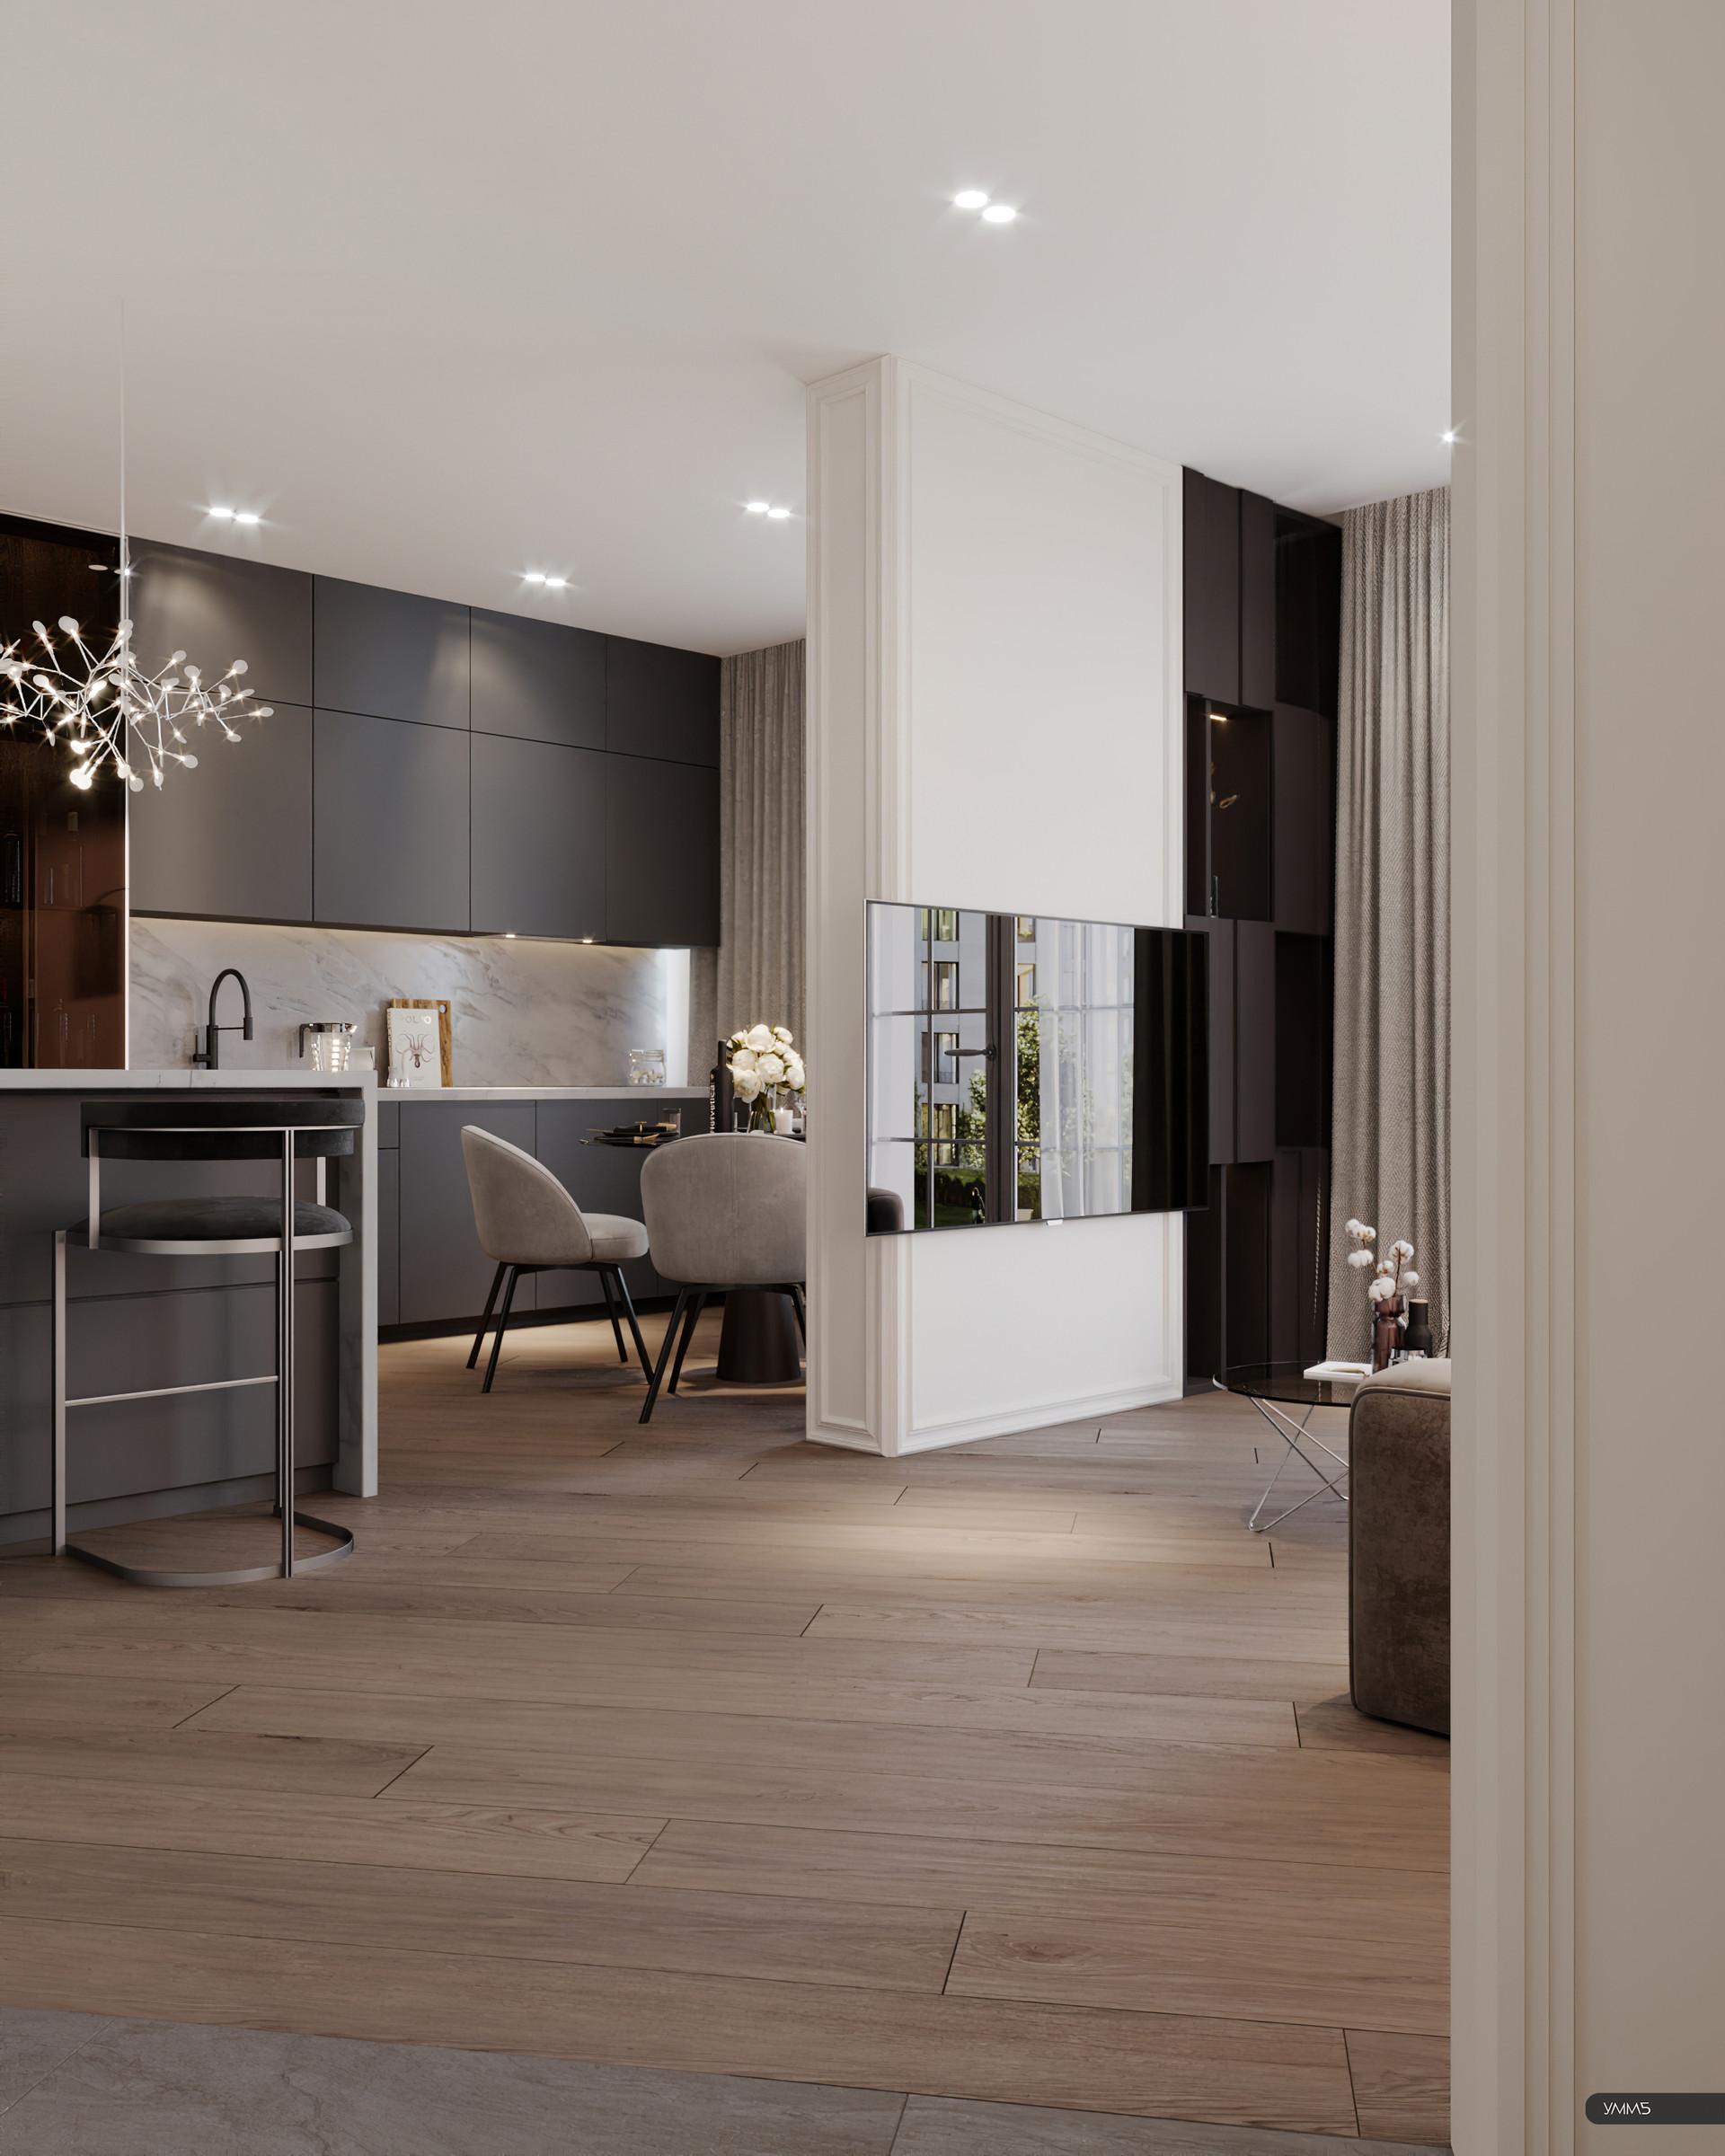 современный дизайн, современный интерьер, современная гостинная, гостинная дизайн, дерево в интерьере, модерн, модерн элеганс